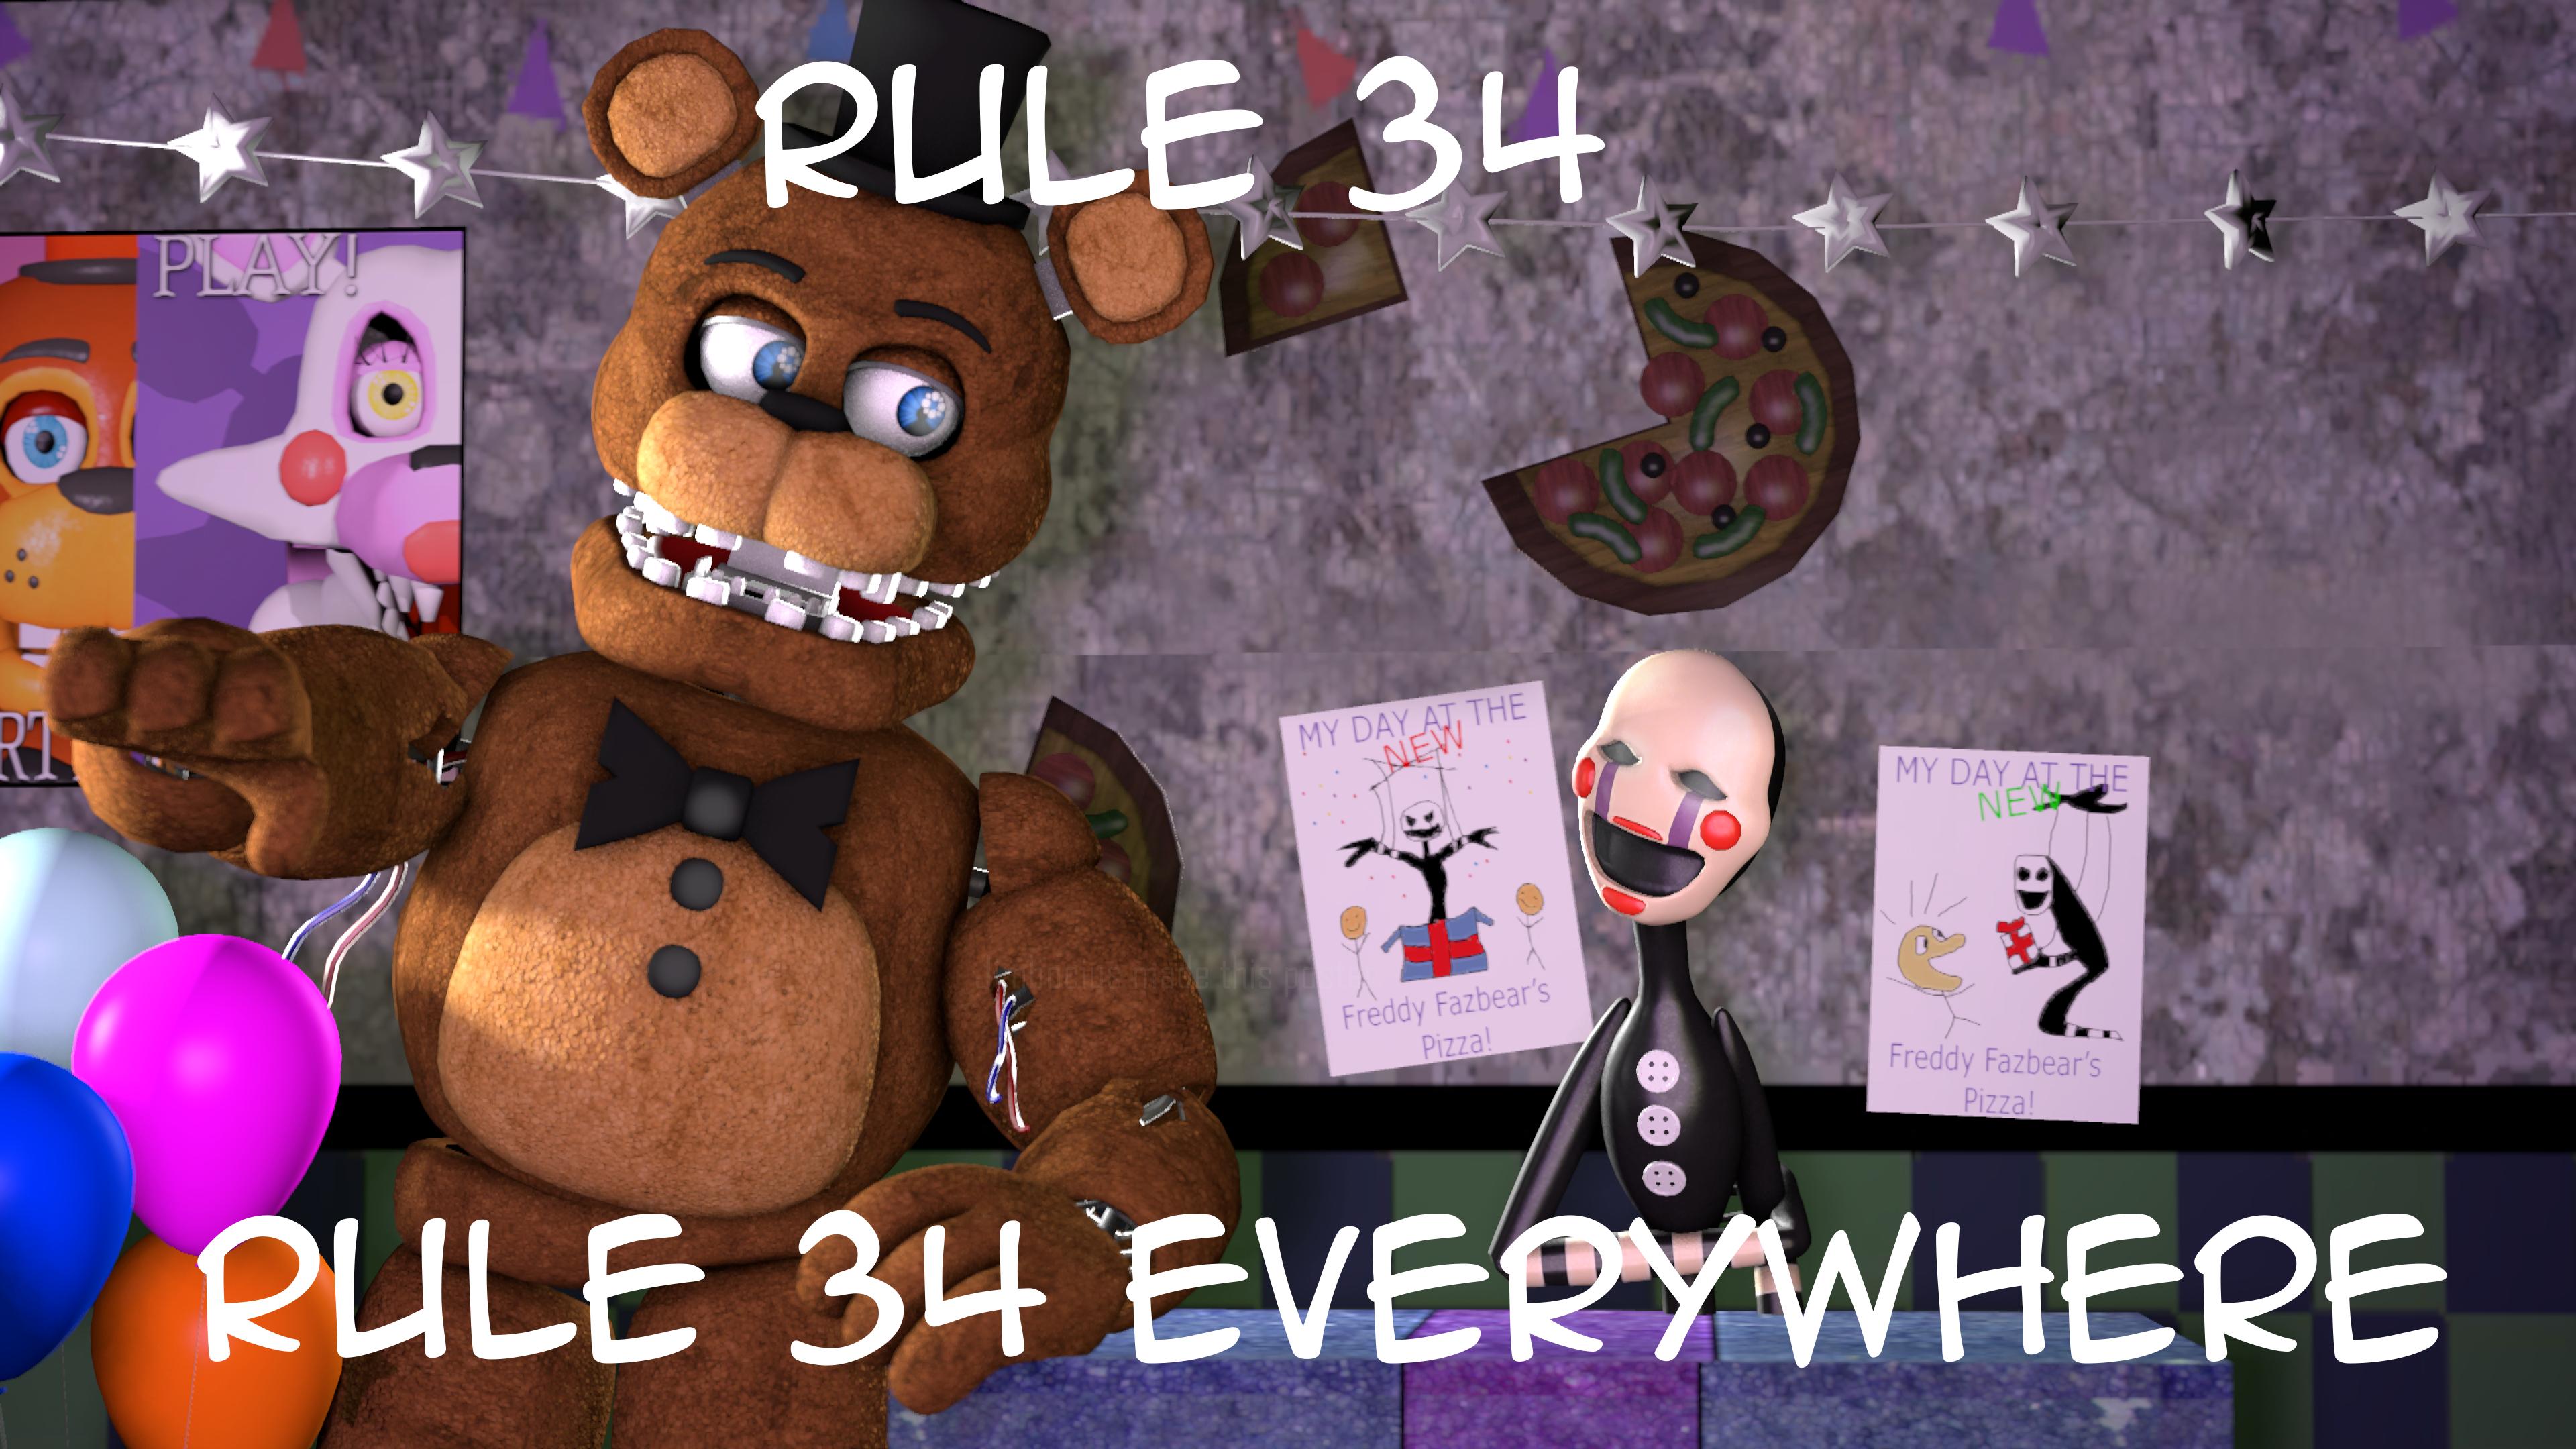 Rule 34 fnaf